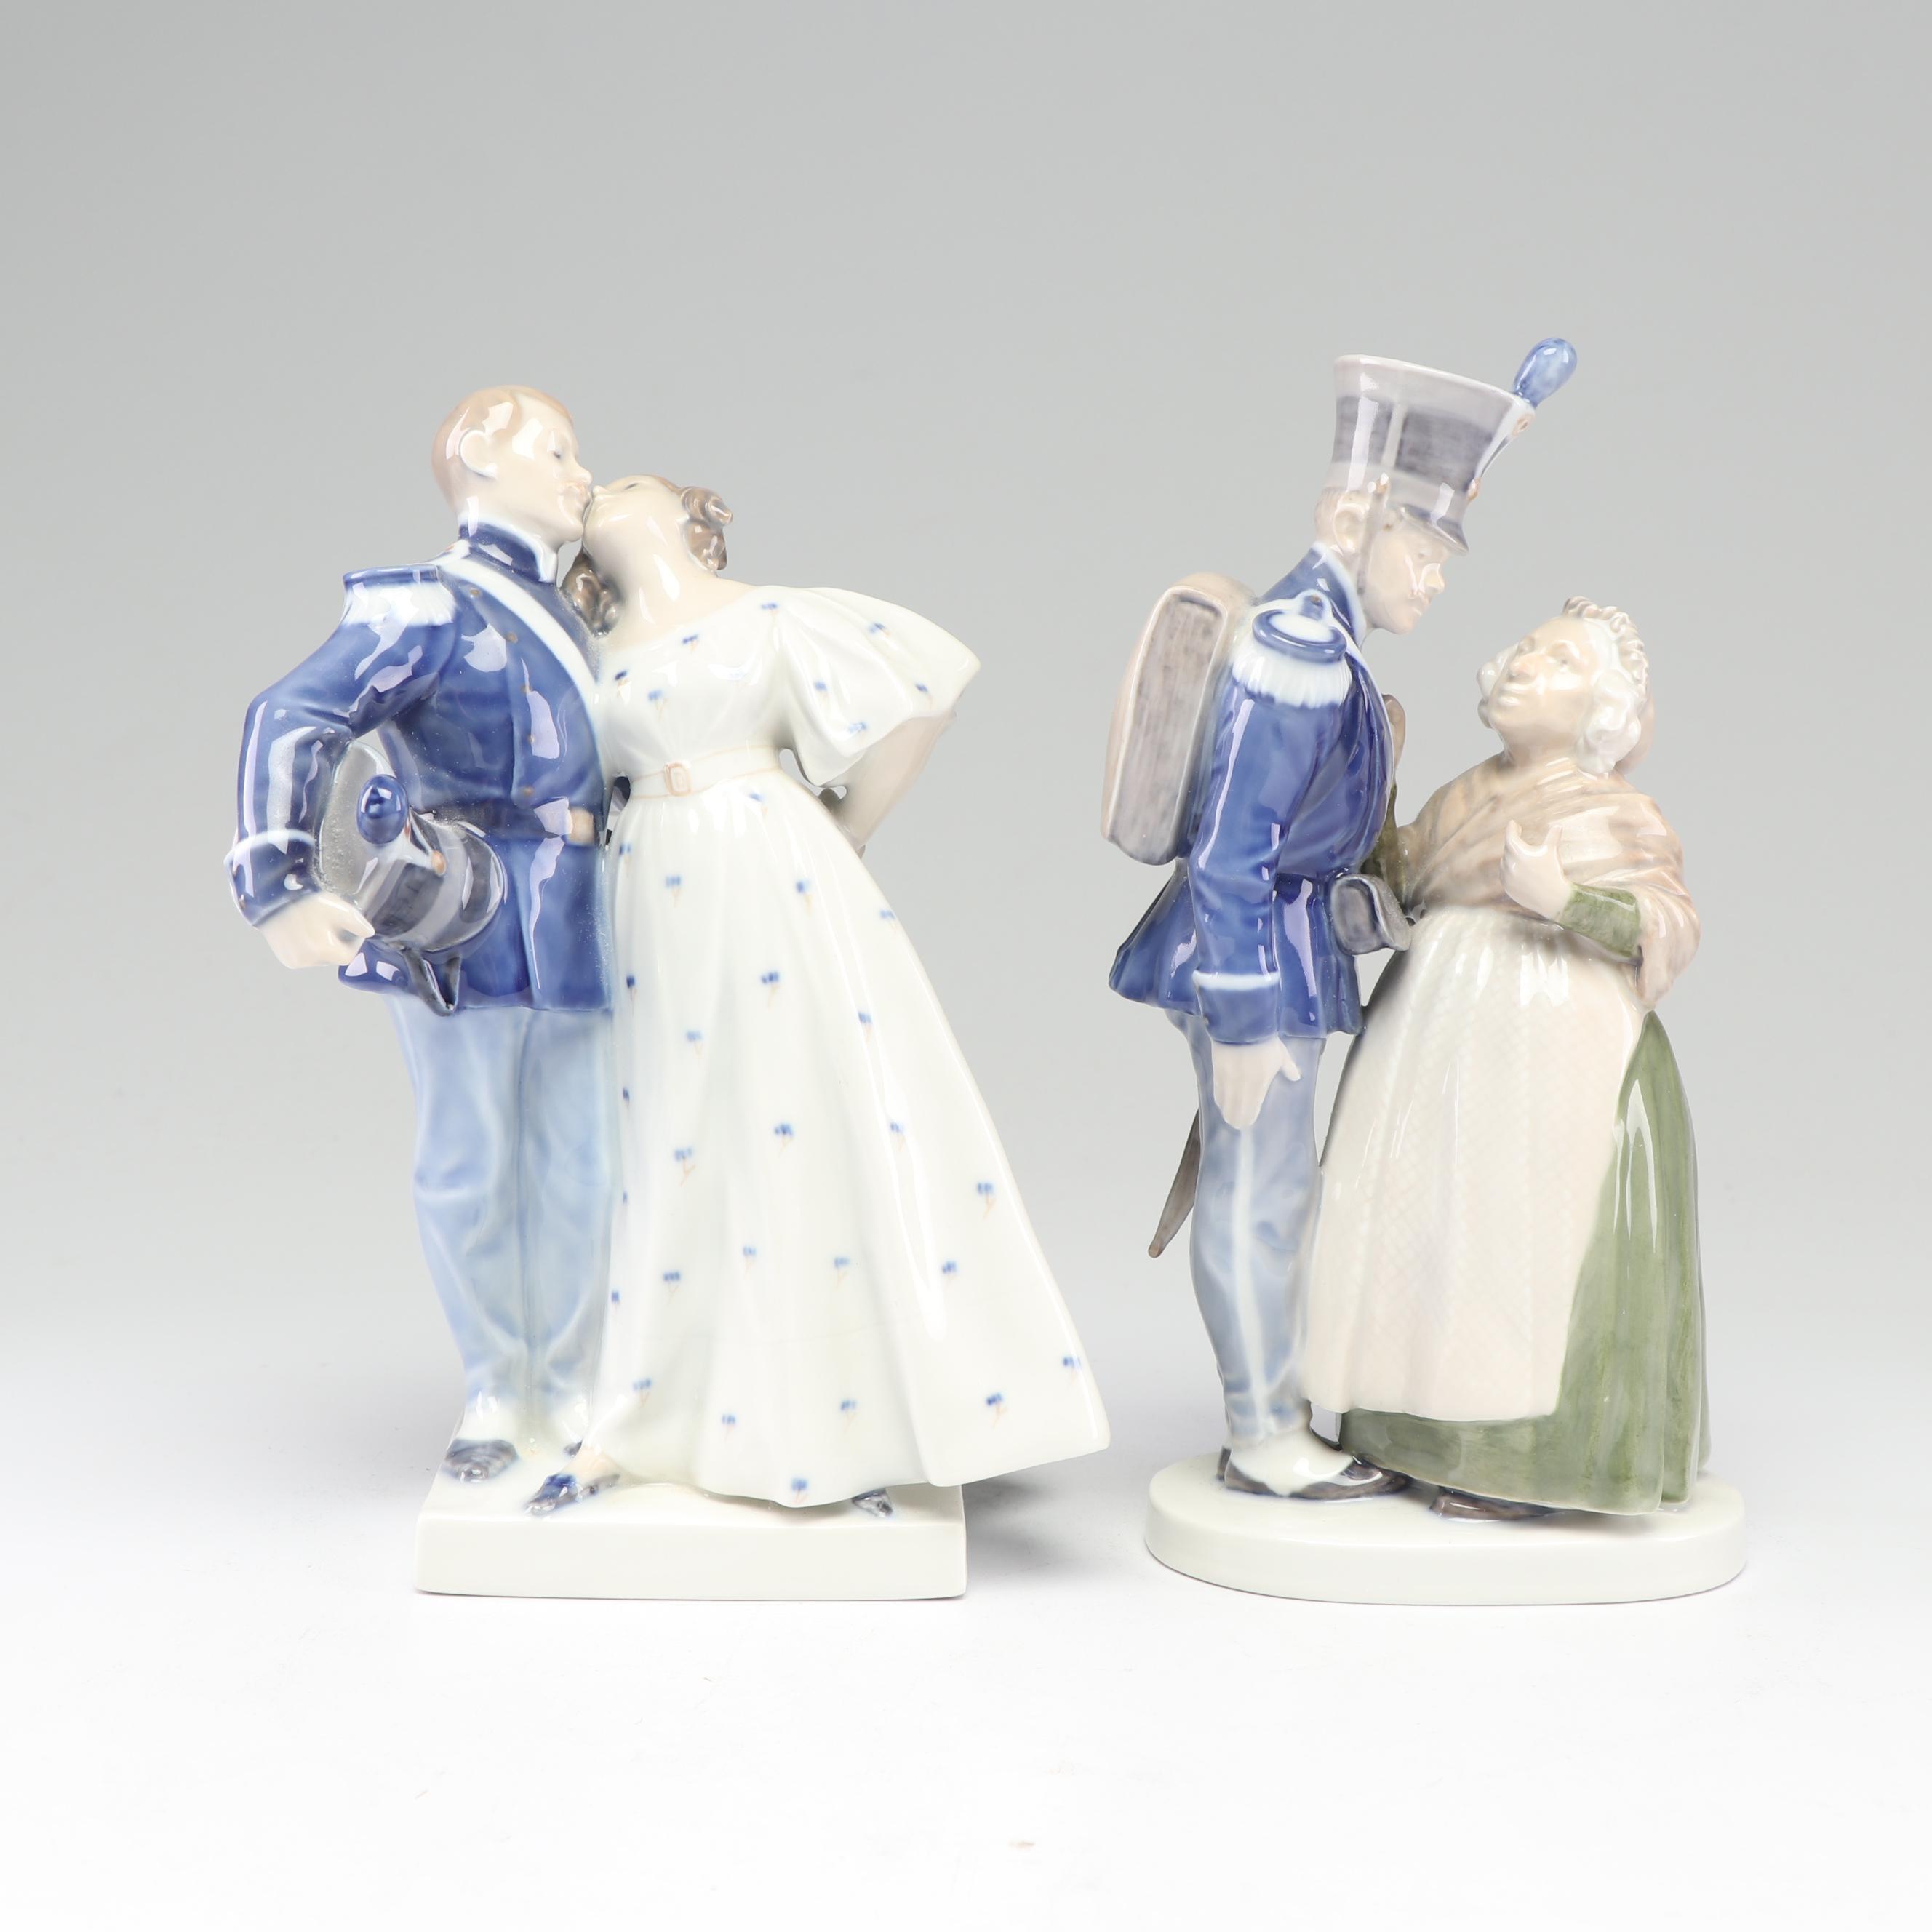 Royal Copenhagen Denmark Porcelain Figurines